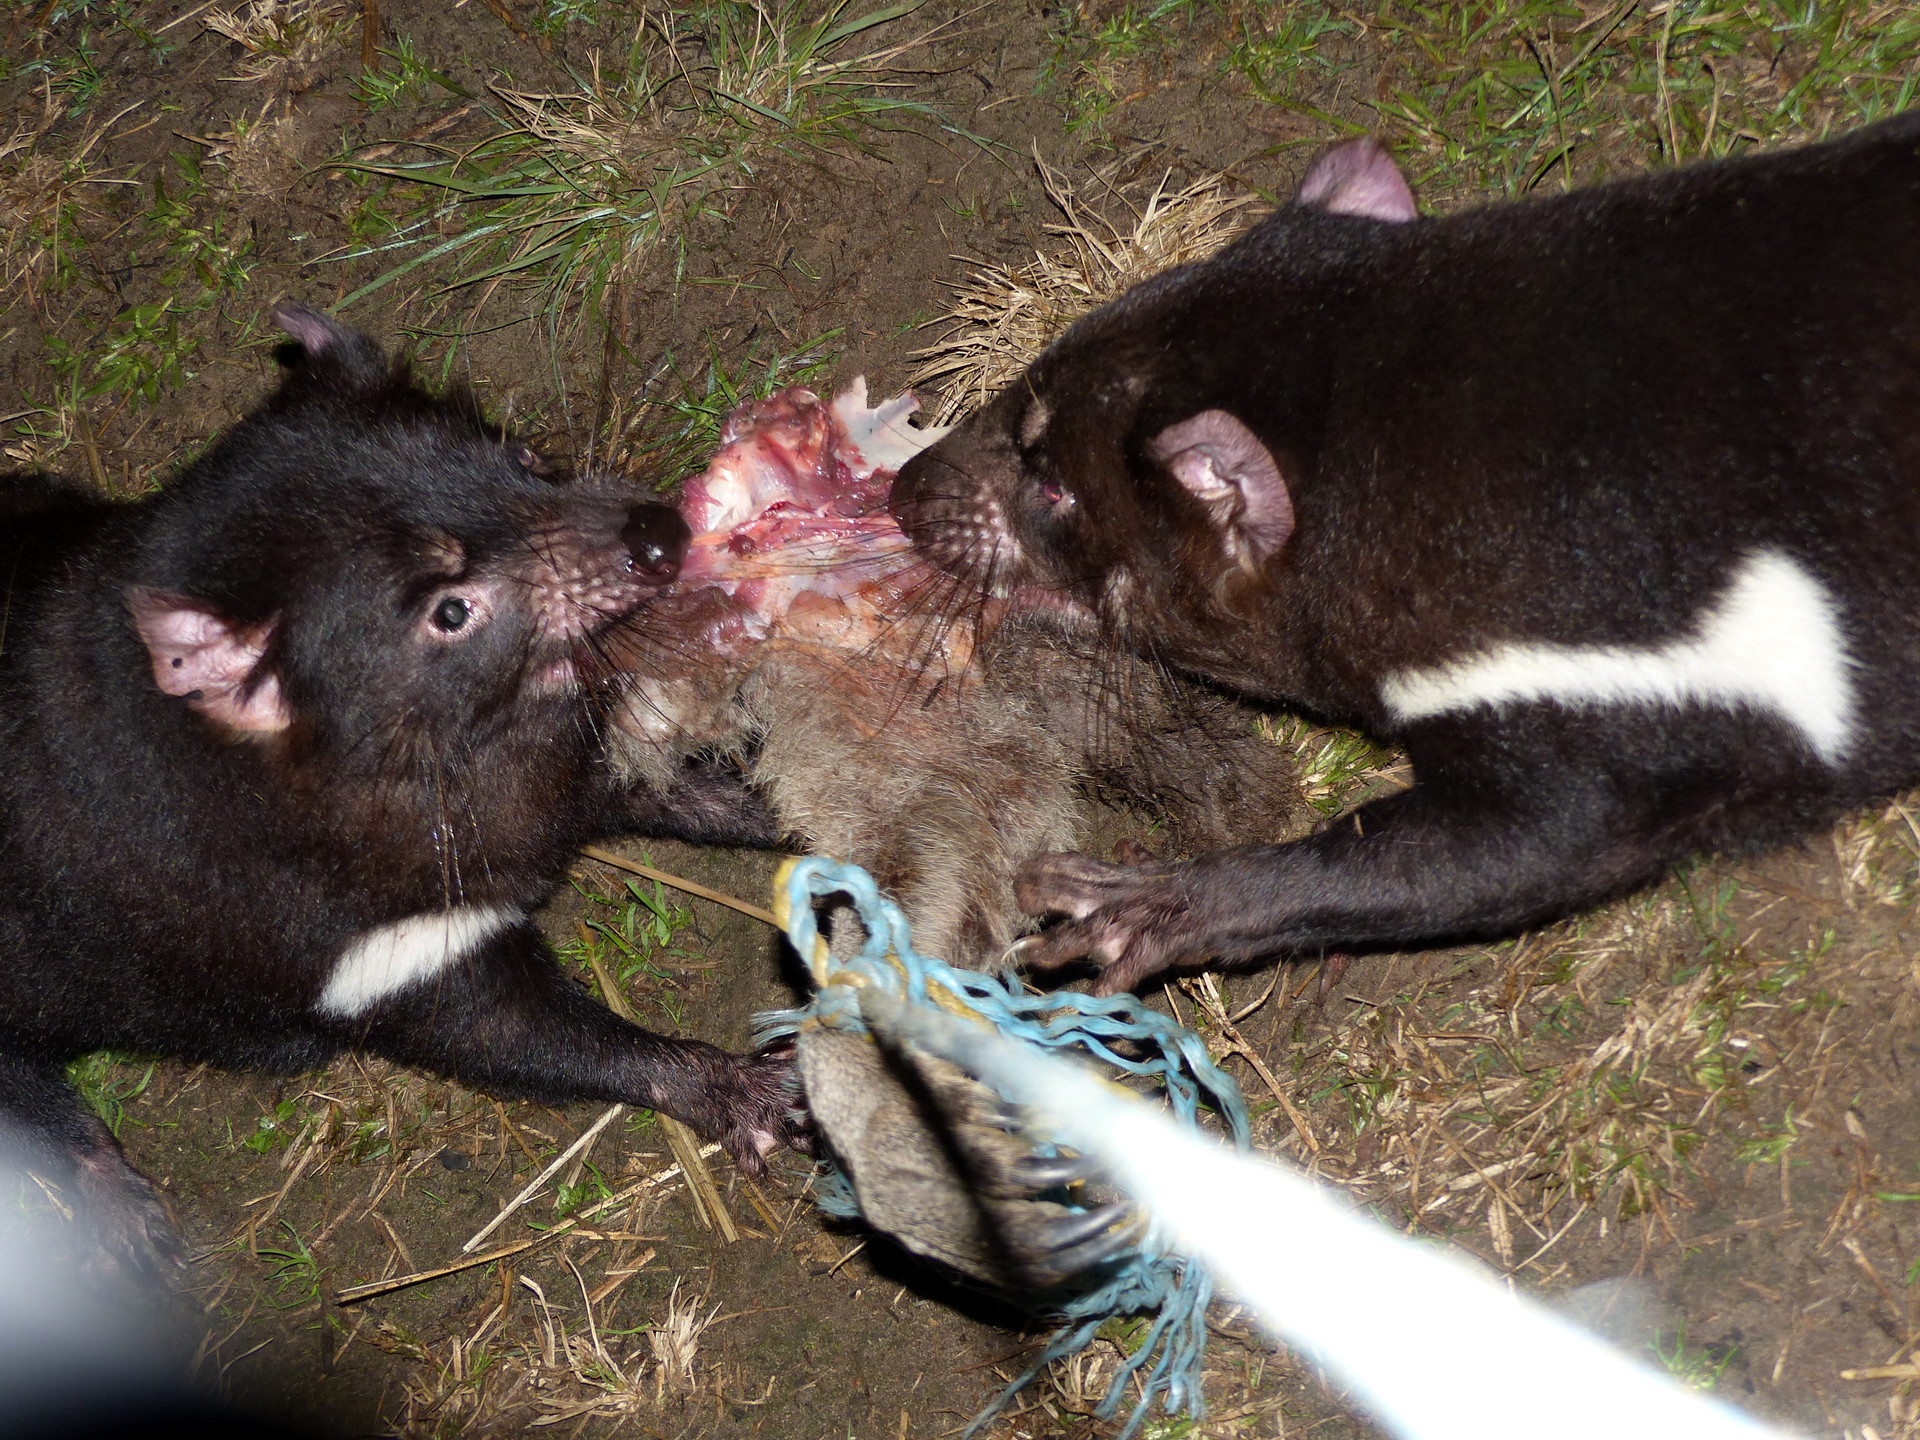 Deux diables affamés dévorant un cuissot de kangourou